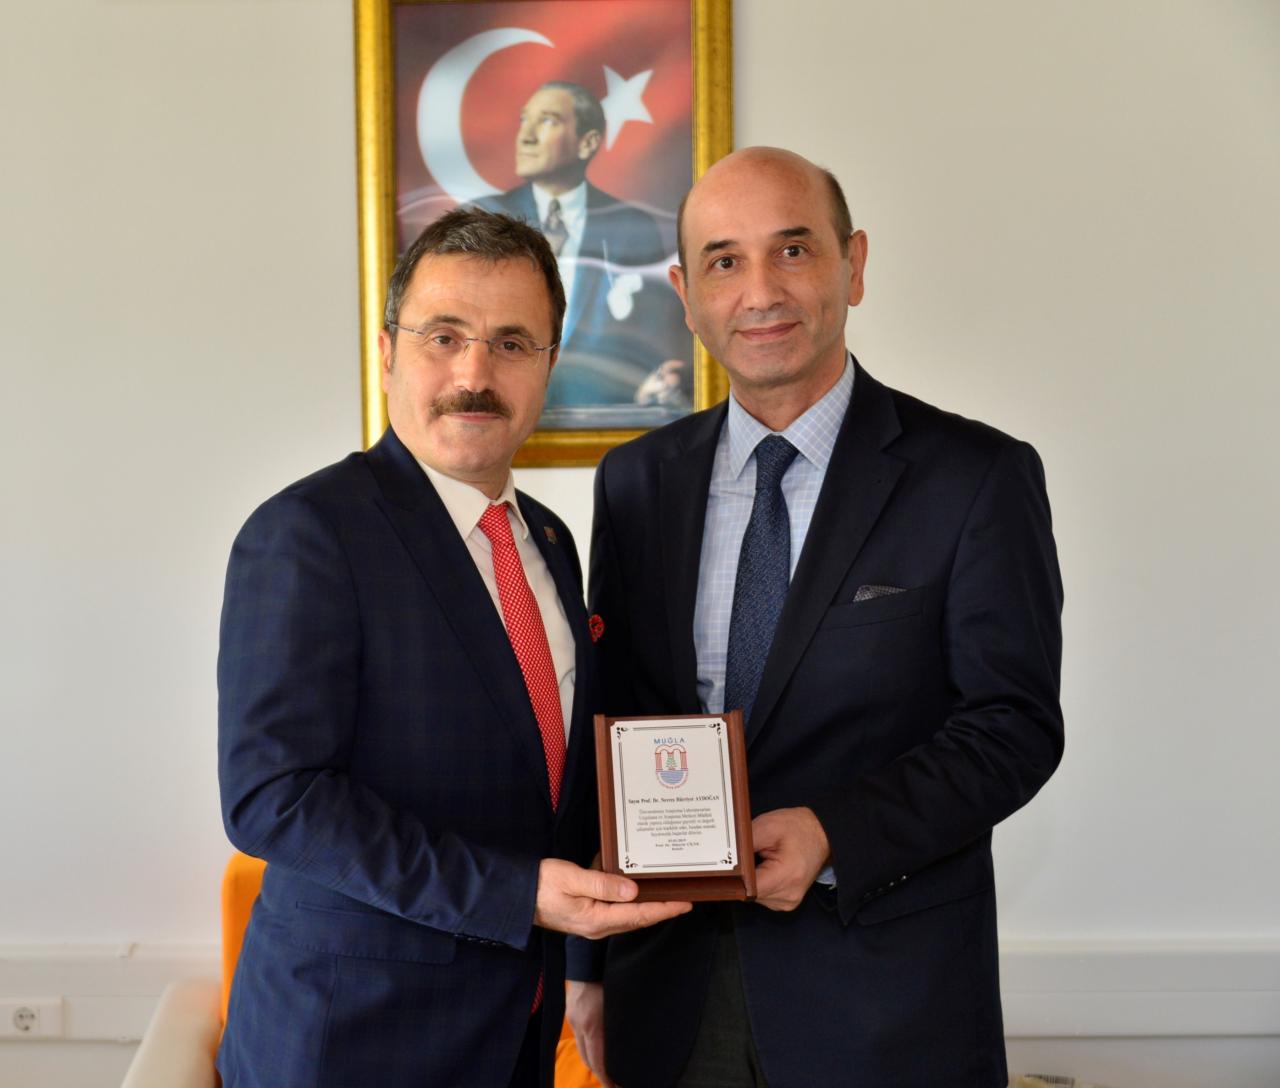 ALM Müdürlüğü Görevine Prof. Dr. Selçuk Aktürk Atandı